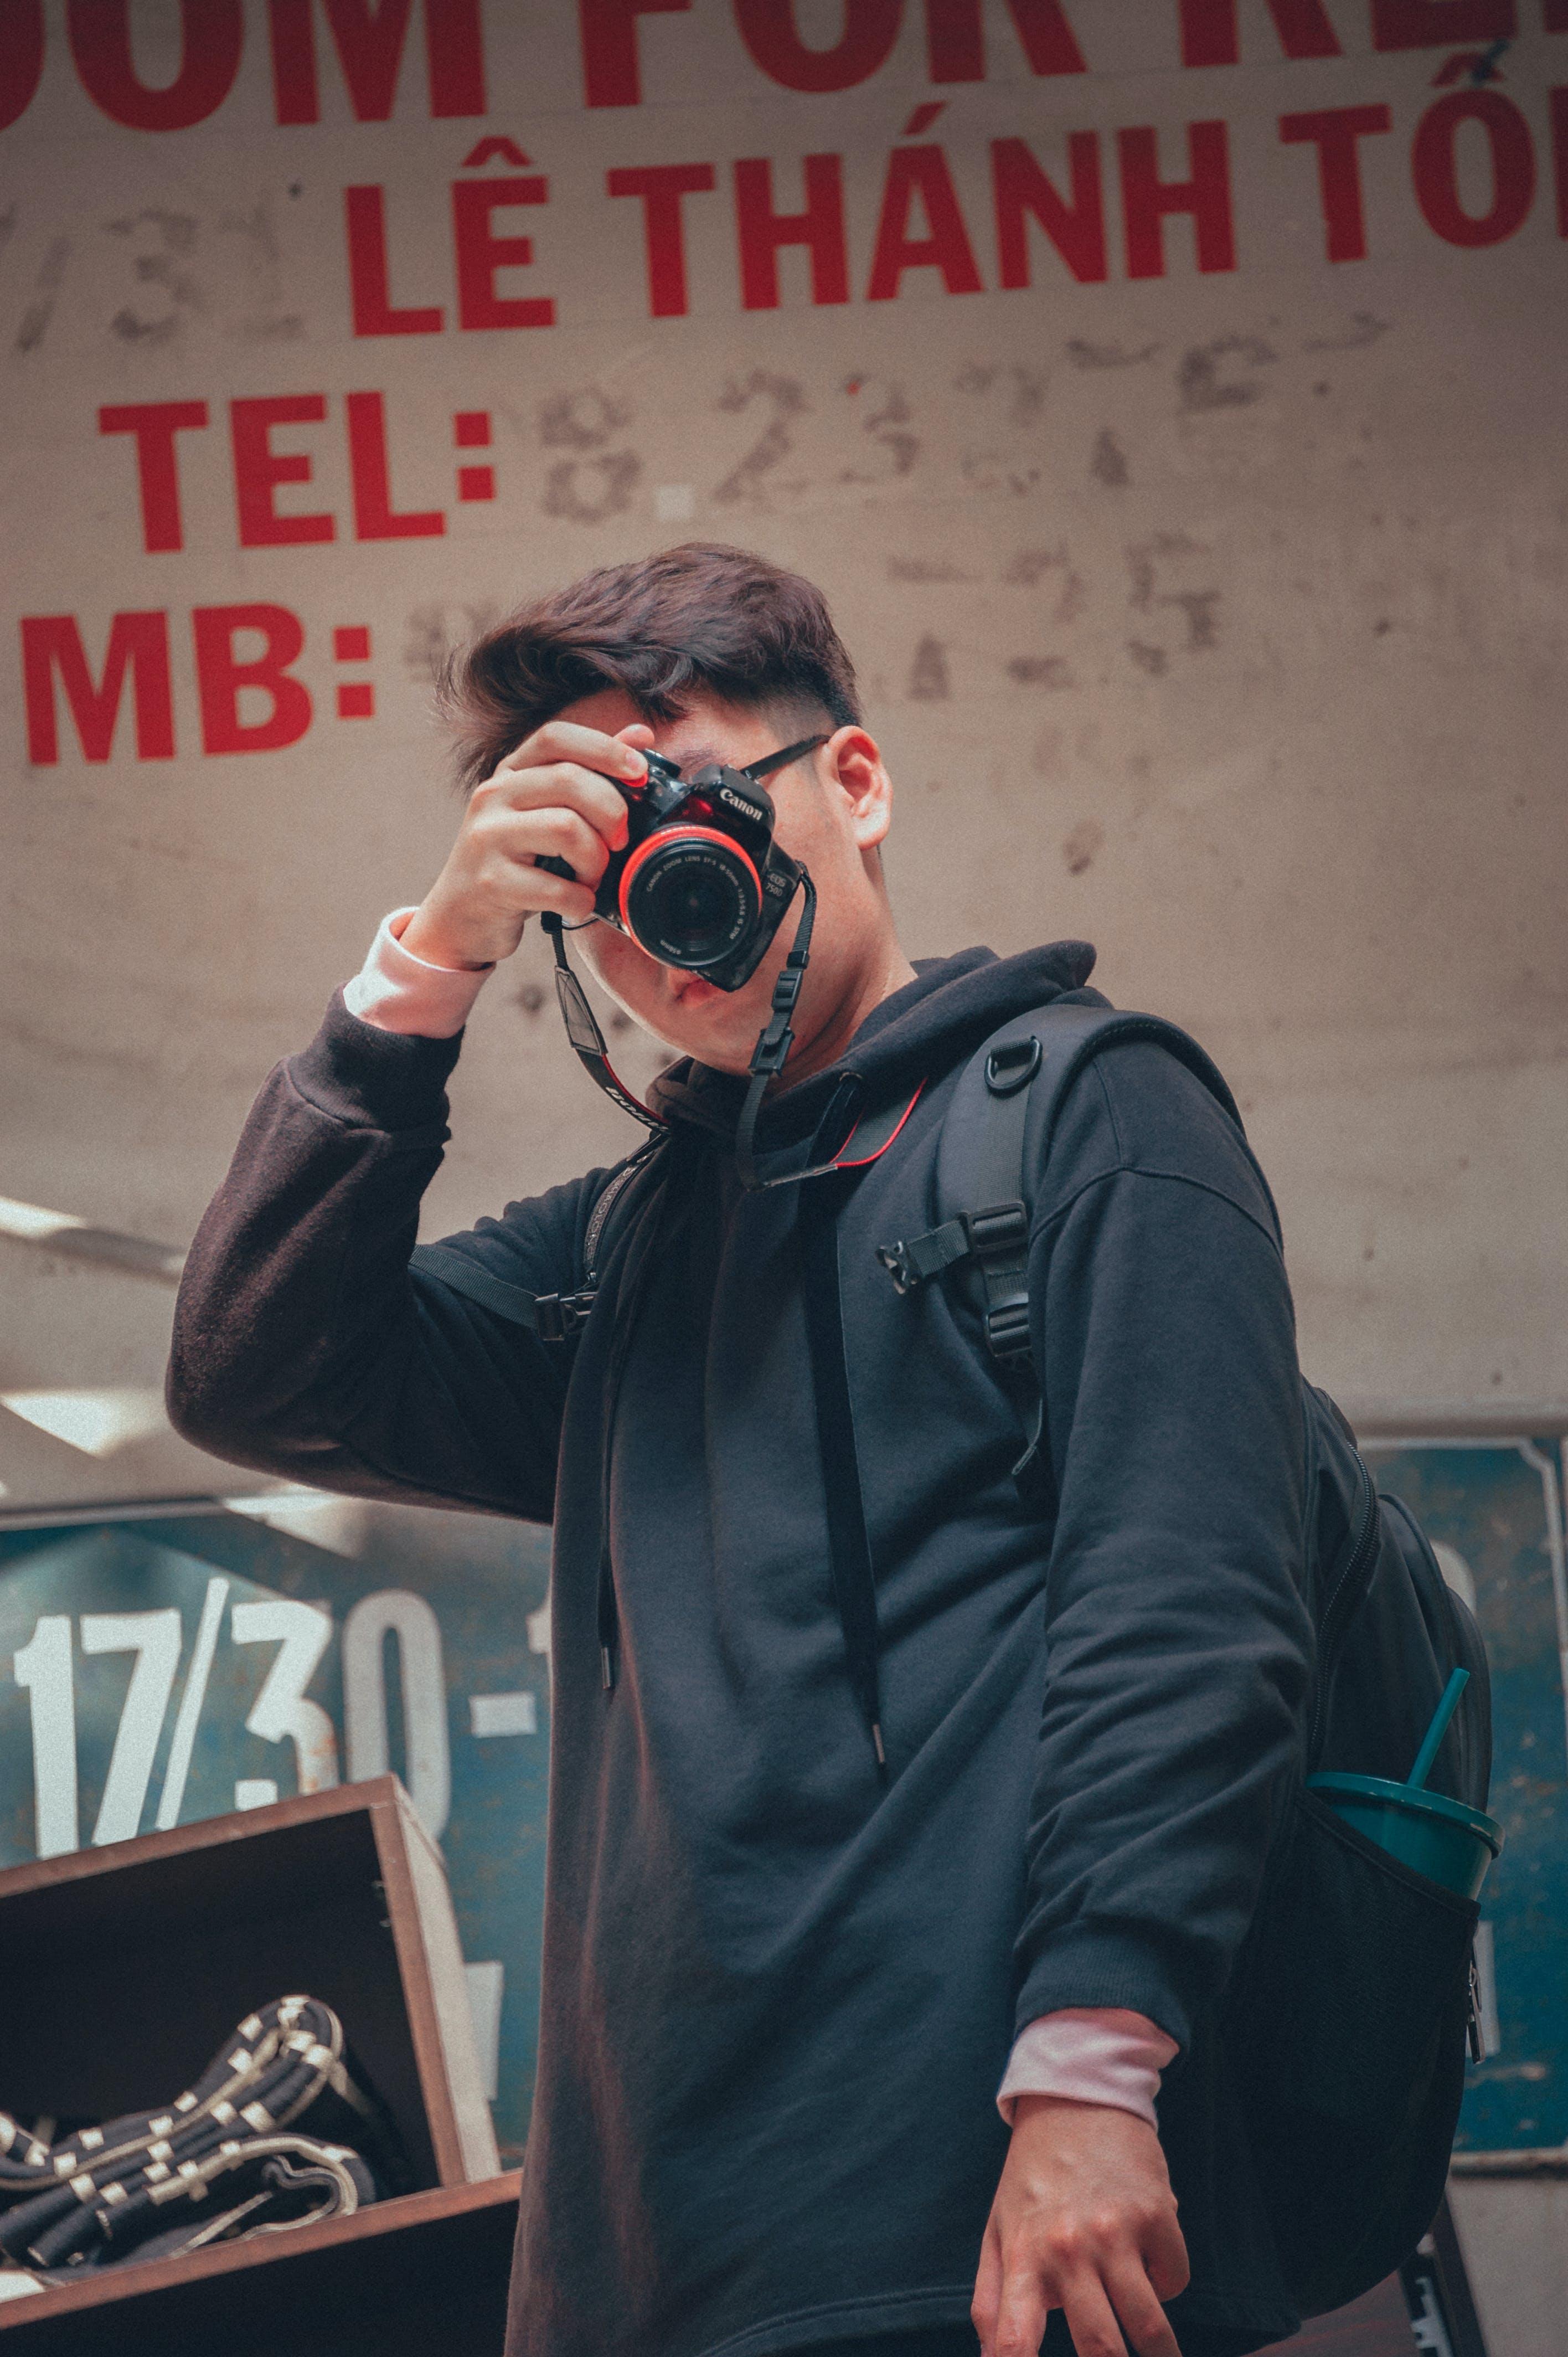 Δωρεάν στοκ φωτογραφιών με άνδρας, άνθρωπος, δημοσιογράφος, ενήλικος